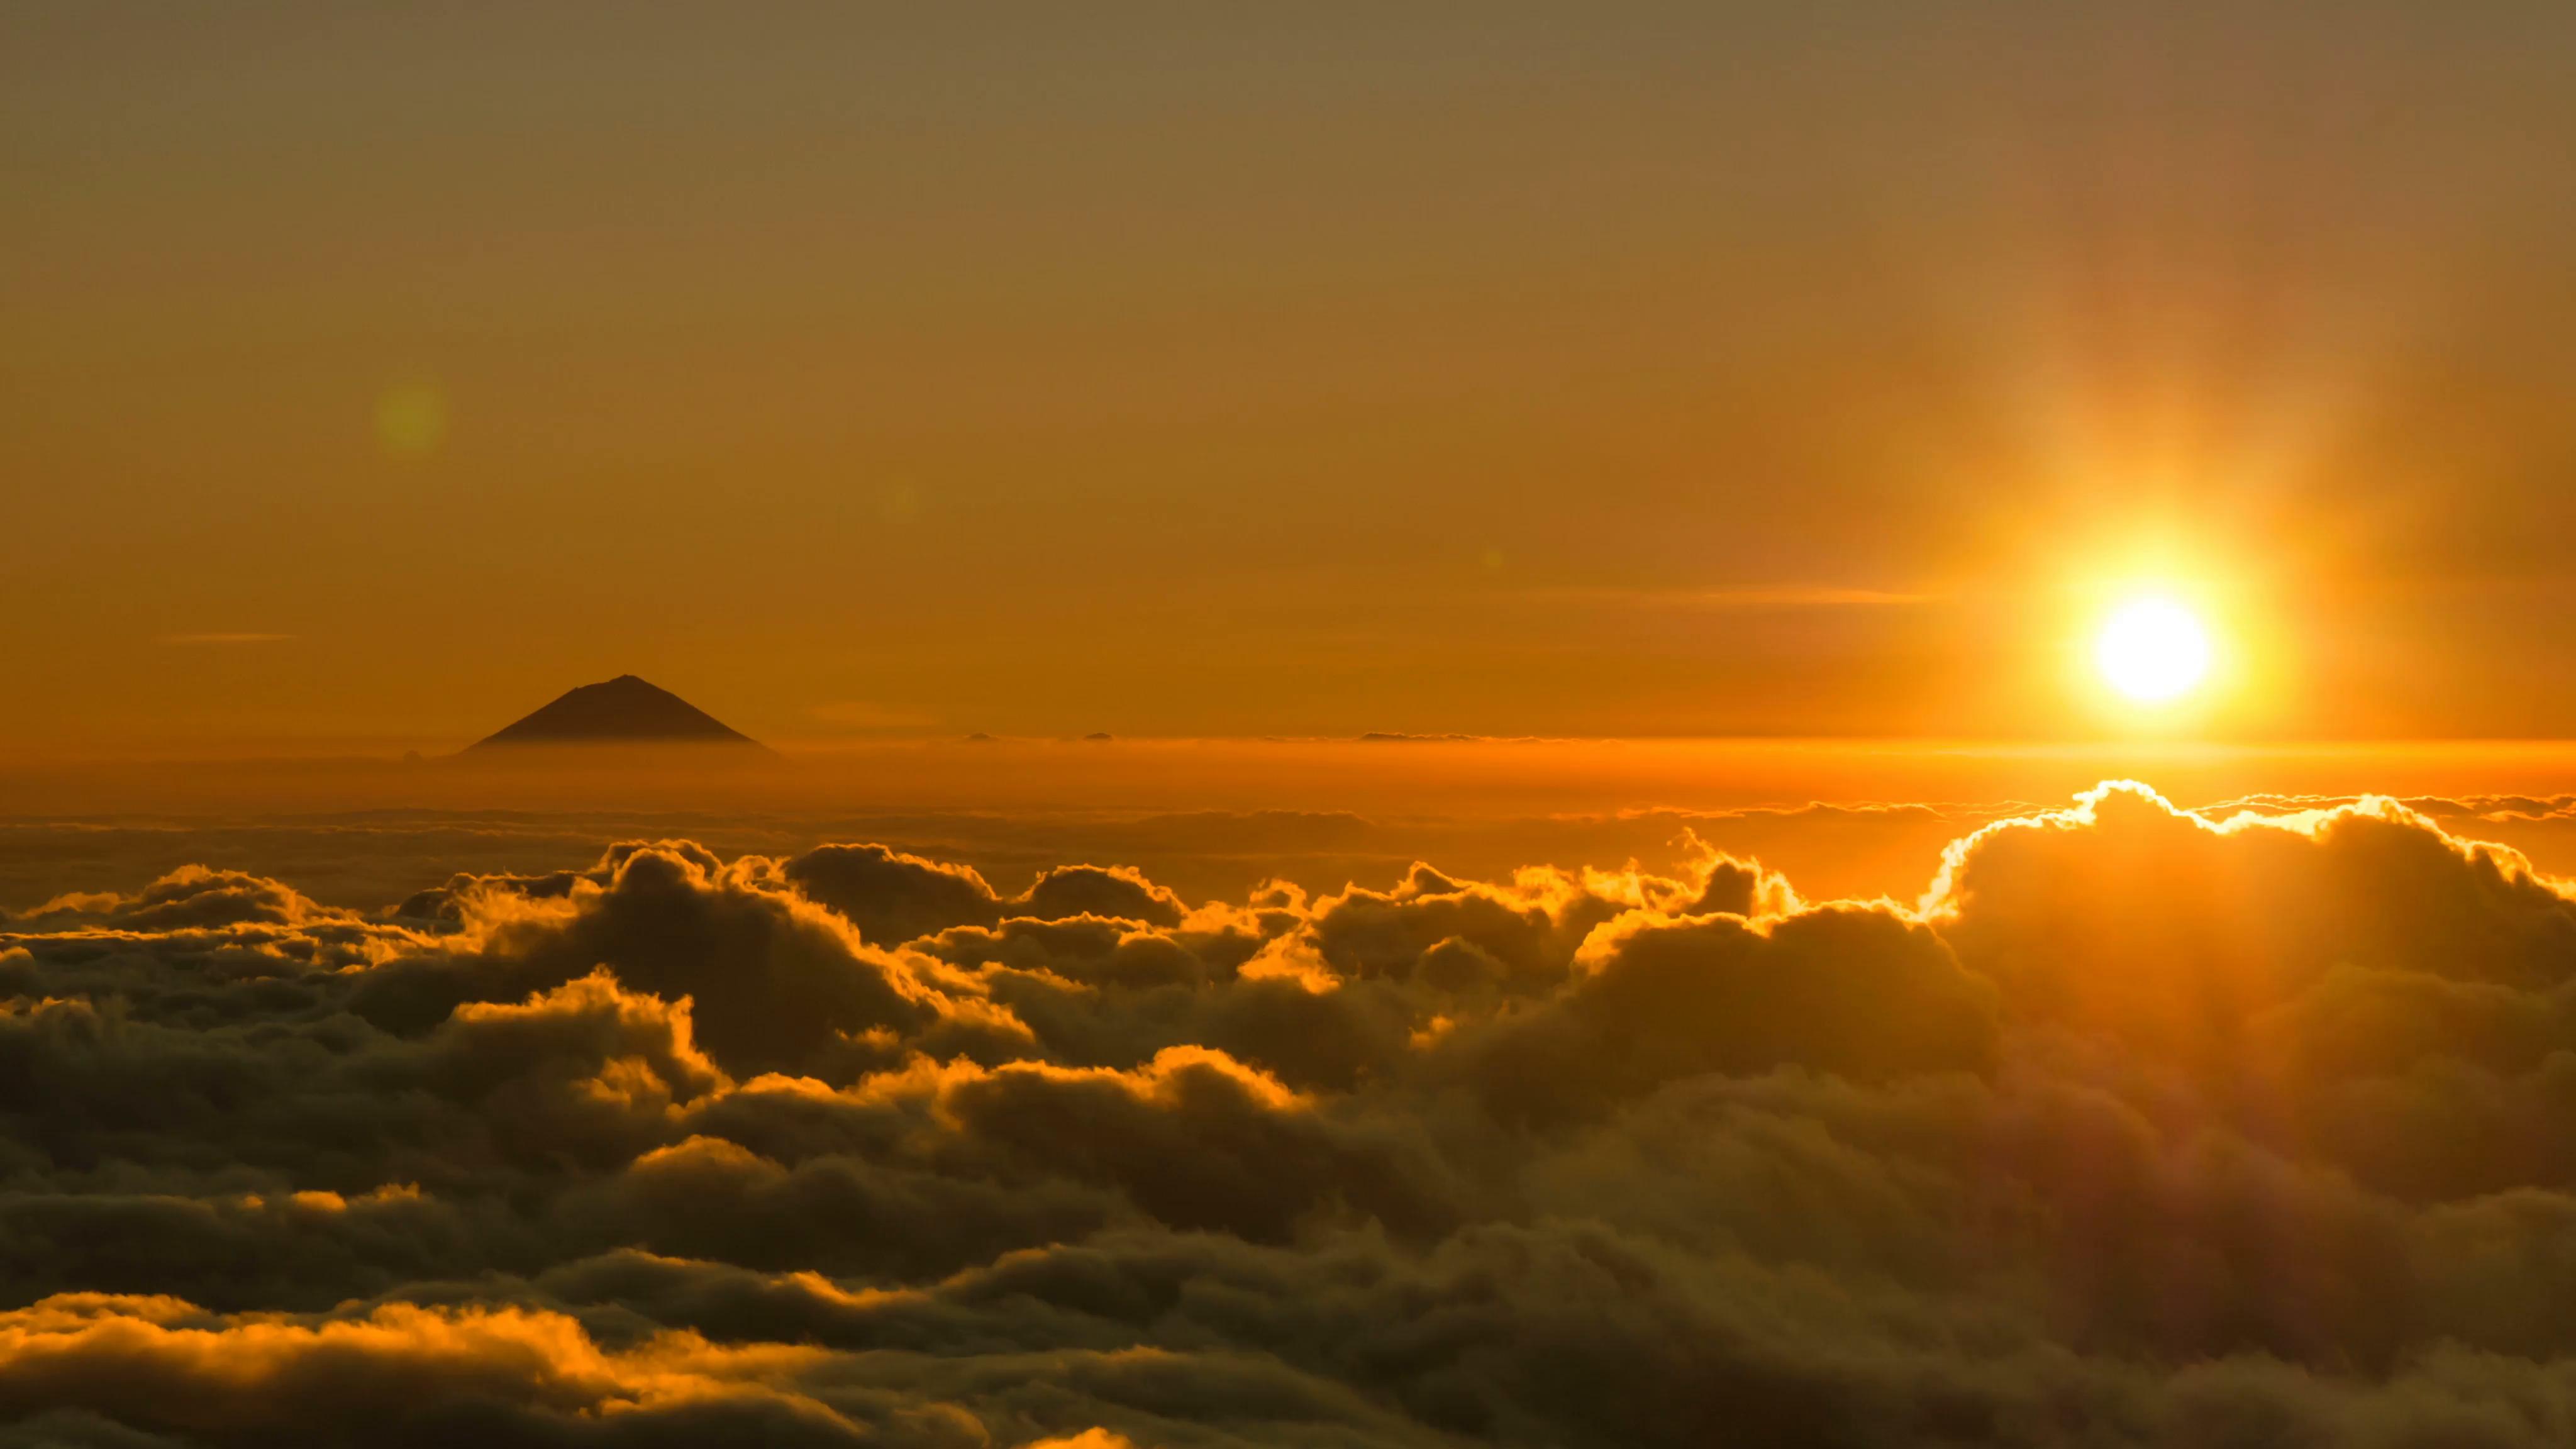 Free photo: Sun going down - Sun, Sundown, Sunset - Free ...